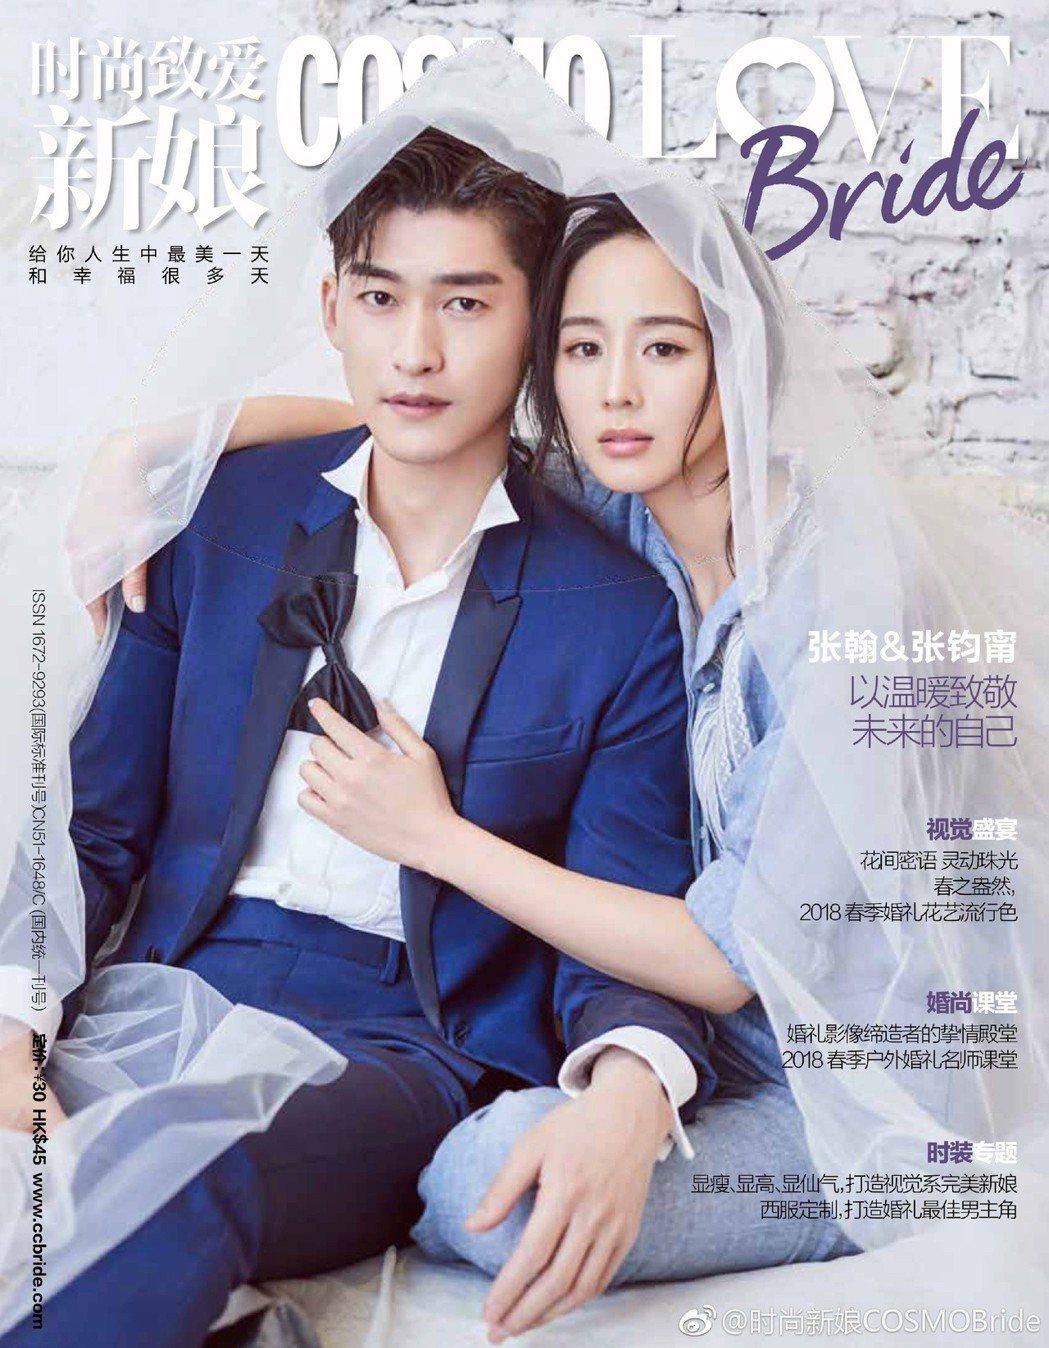 張鈞甯與張翰為大陸婚紗雜誌拍攝封面,互動甜炸。圖/摘自微博